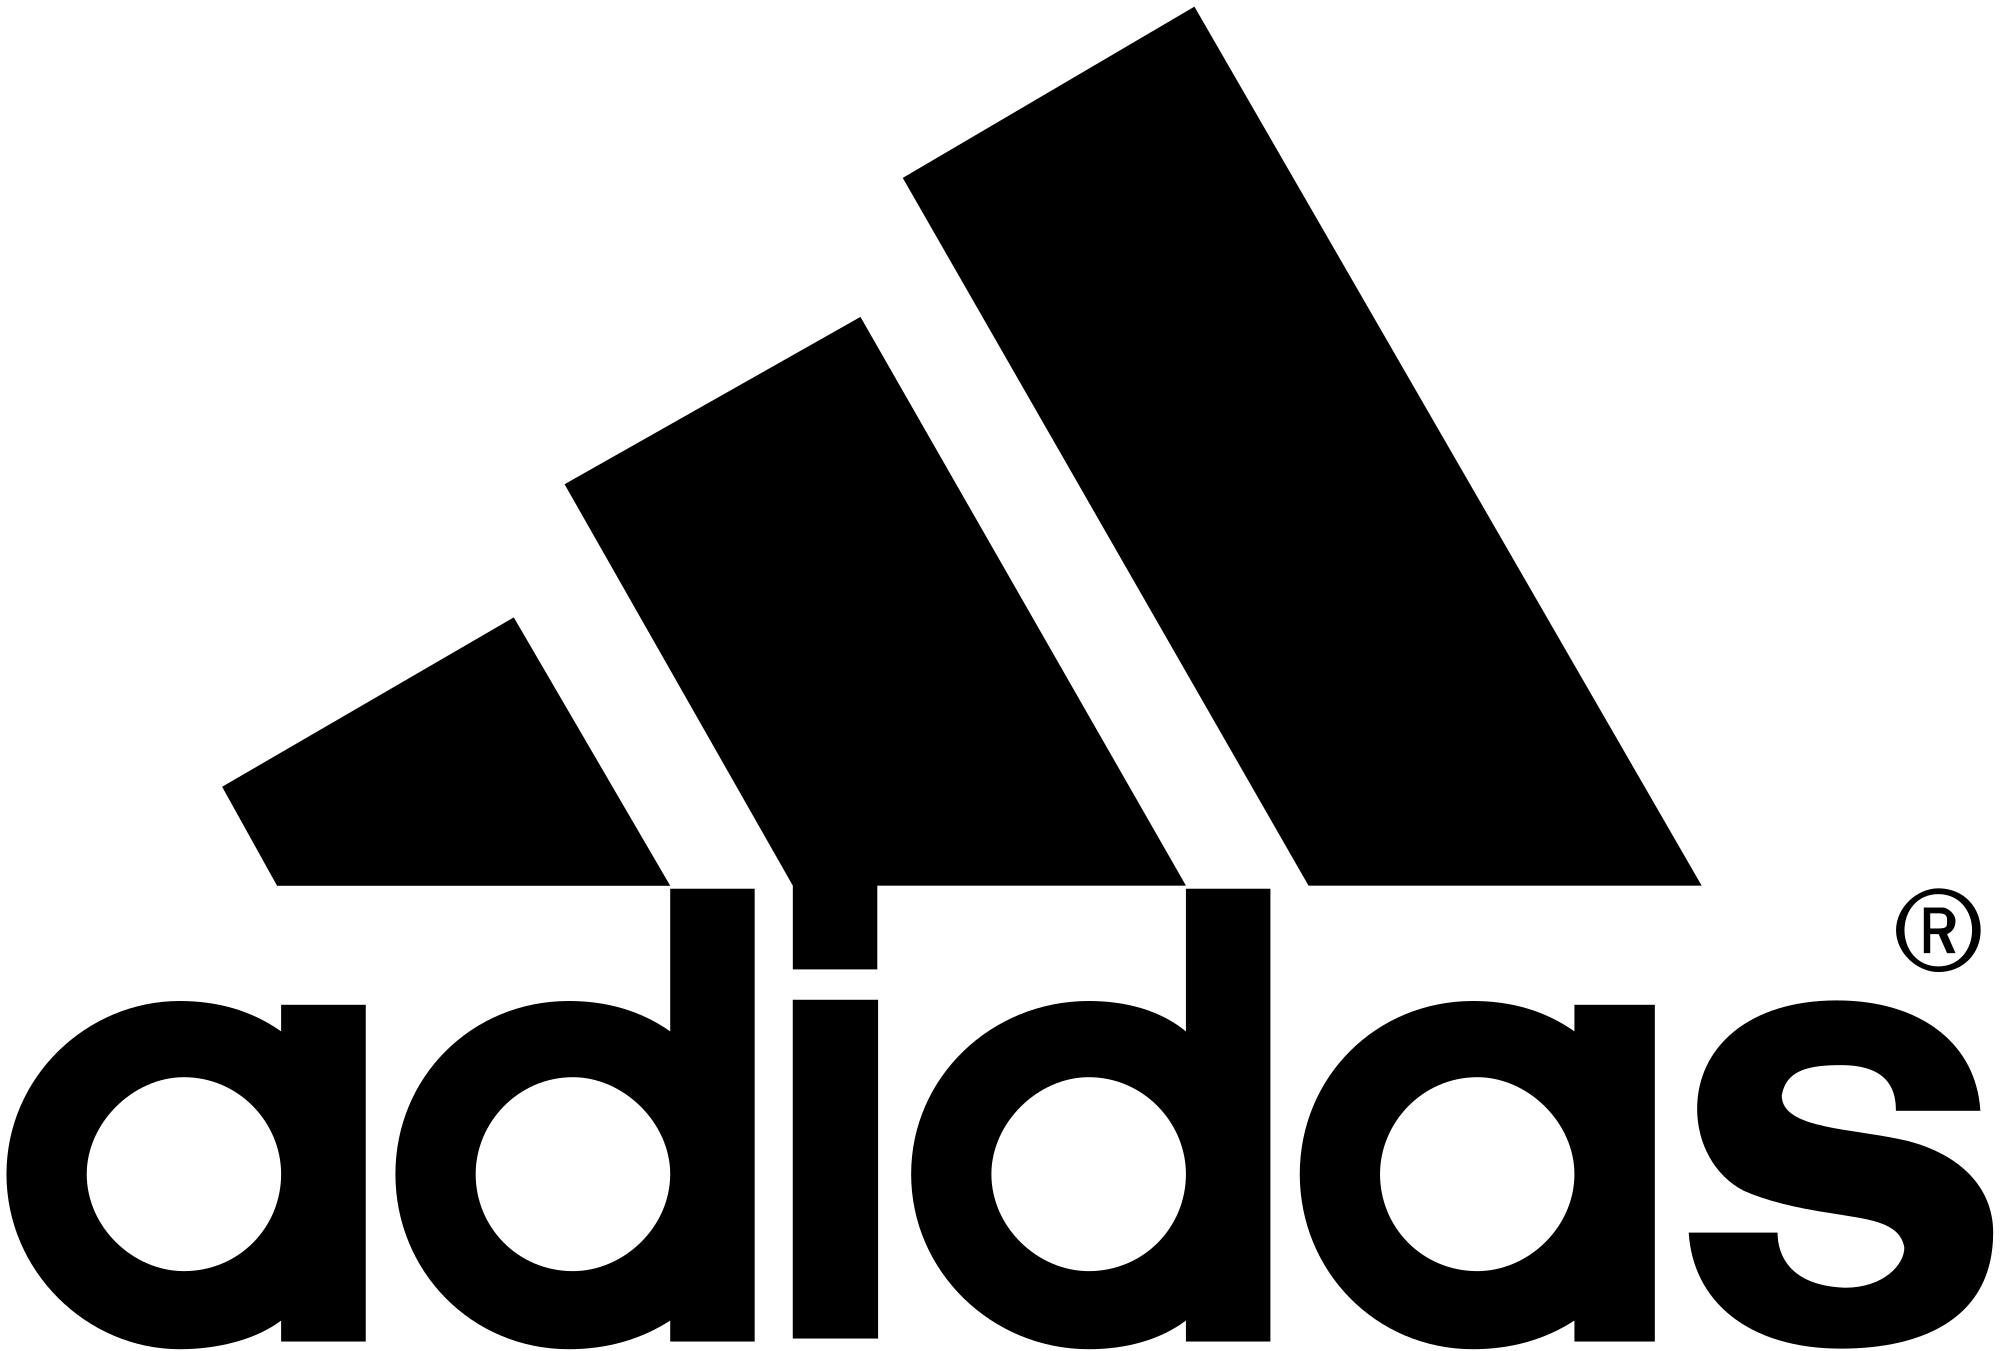 [Adidas Outlet] (Lokal: Herzogenaurach, evtl. auch andere Outlets wie Metzingen....) verschiedene Deals am CRAZY TUESDAY: 25% Rabatt auf u.a. Schuhe, den Einkauf ab 100 Euro oder ab 4 Artikel (wochenabhängig, siehe Flyer)